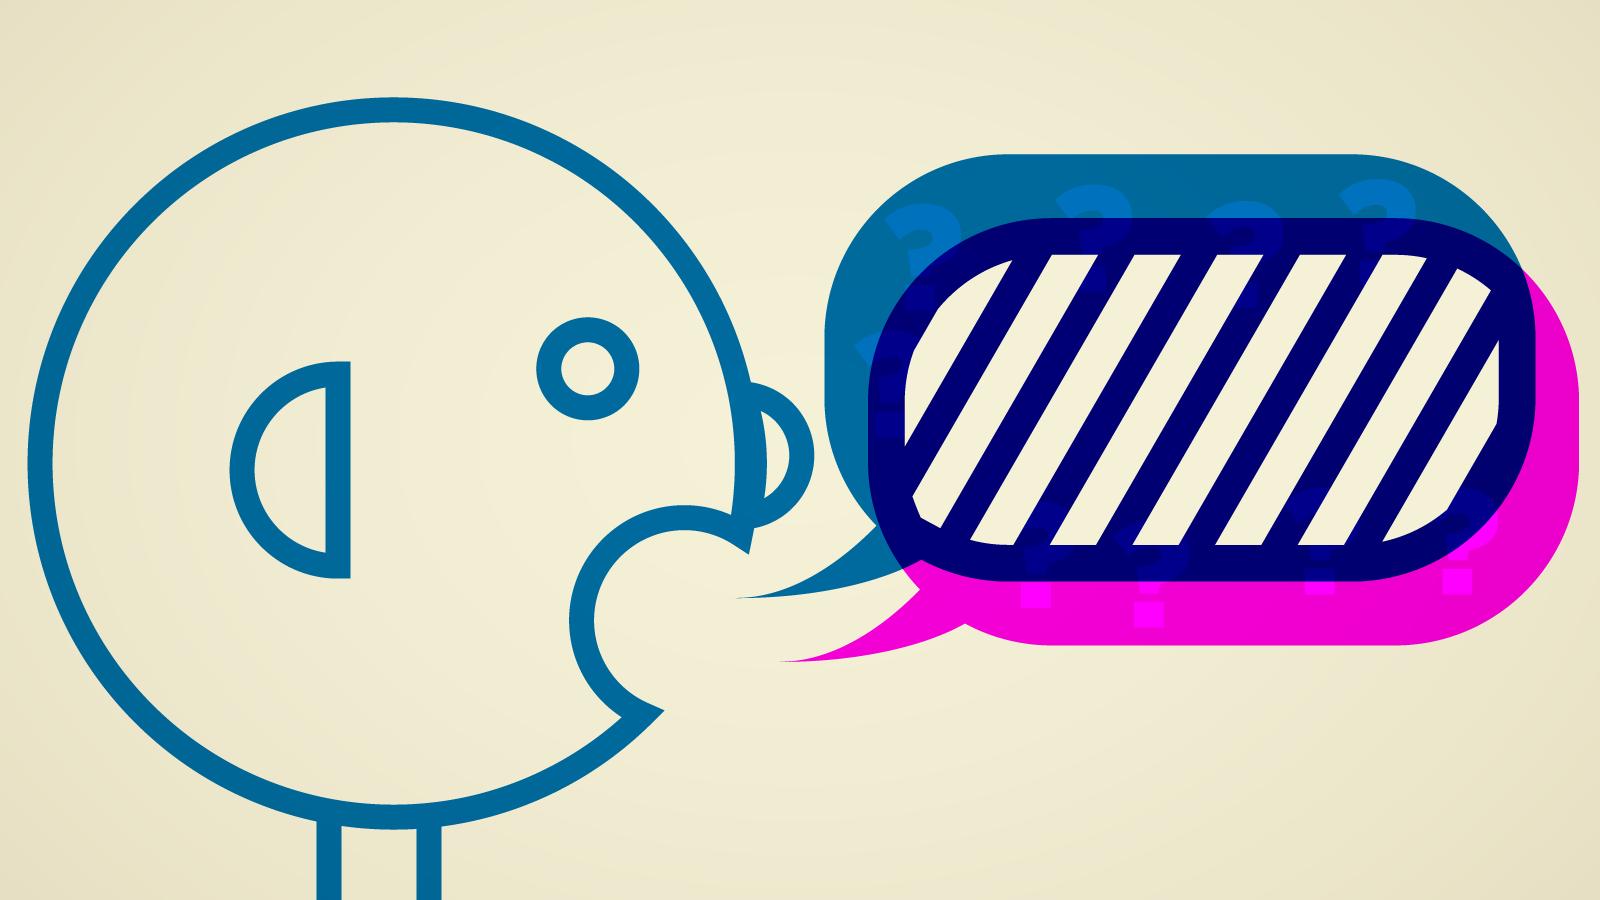 Modo di parlare 5 aspetti diversi dalle parole con cui comunichiamo - Parole con significati diversi ...